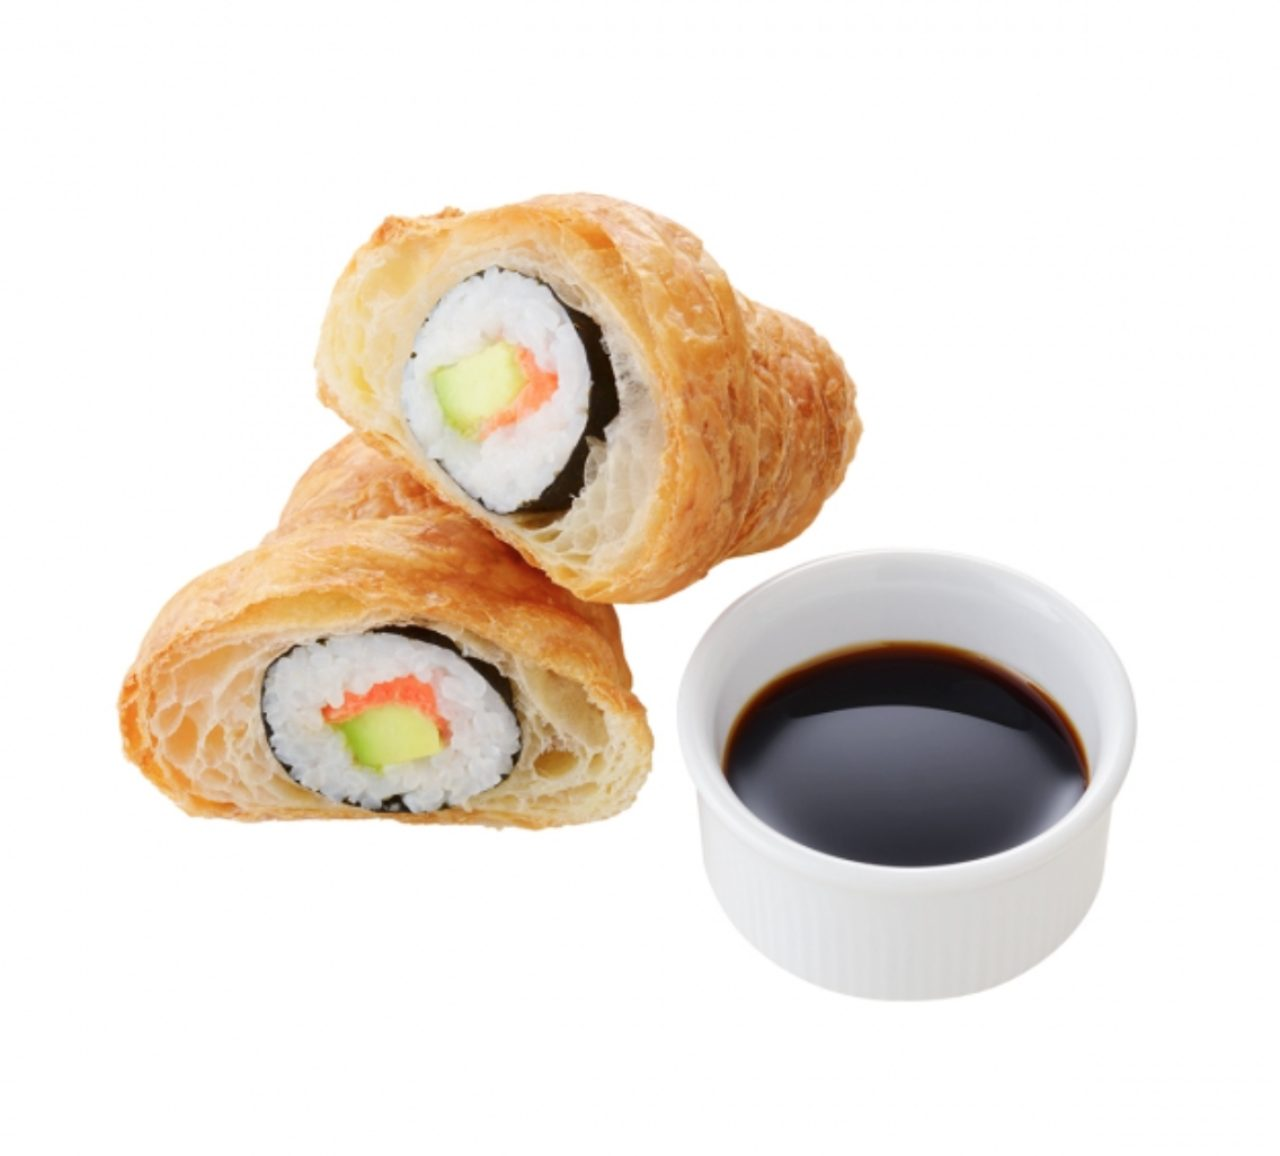 画像: ●カリフォルニア クロワッサン… 『クロワッサン』と『寿司』を掛け合わせた商品として全米で注目を集めるハイブリットメニューが朝食フェスに登場!カリフォルニアロールをクロワッサン生地で巻き込み焼き上げられている。しょうゆを添えて提供。